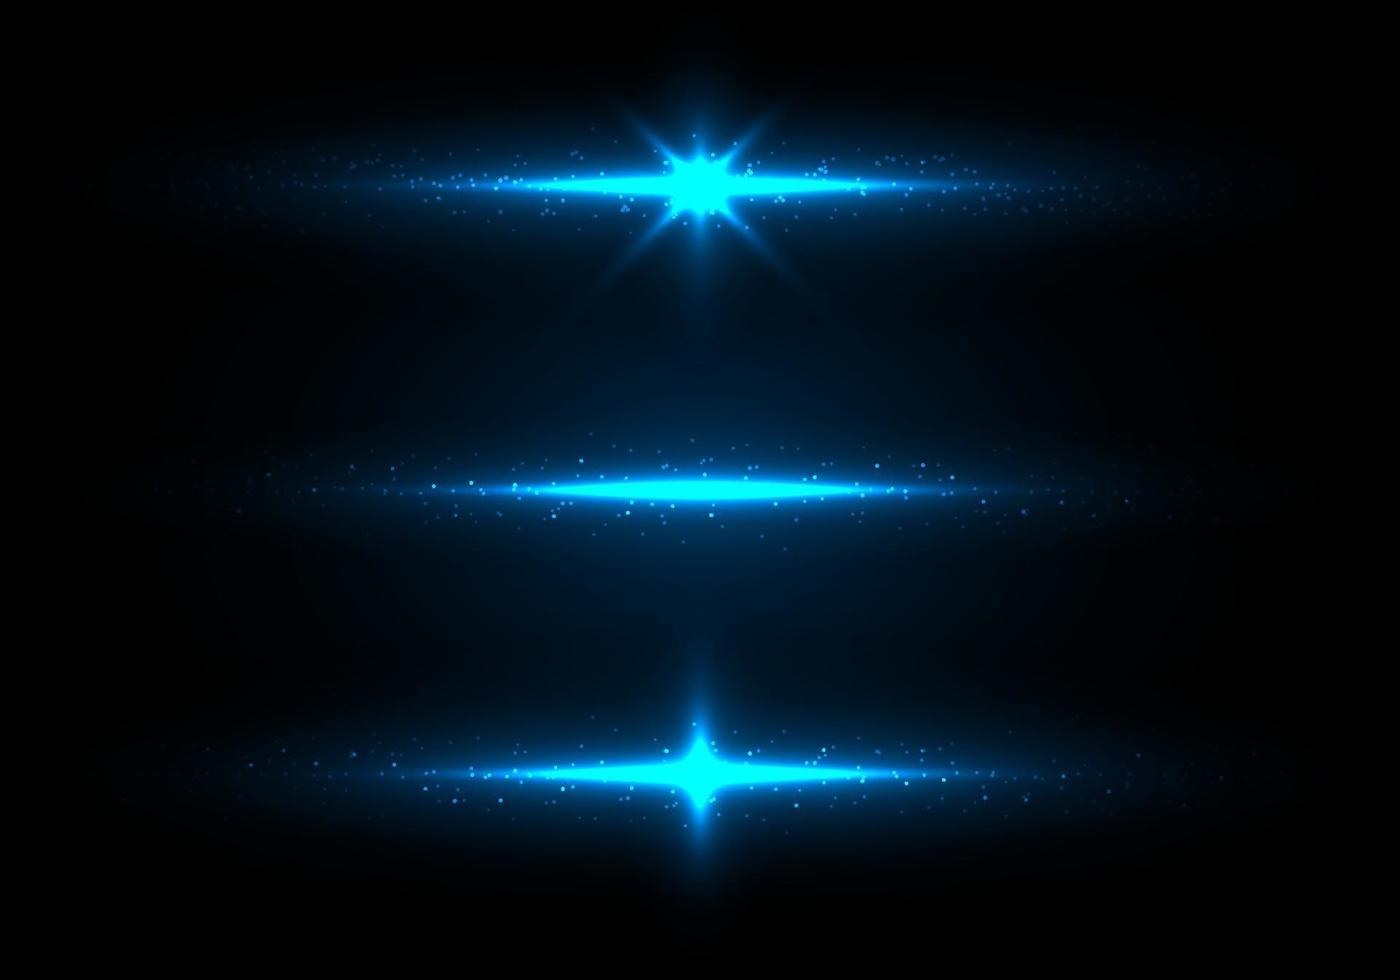 uppsättning blå lampor som gnistrar med partiklar. glitter damm på mörk bakgrund. vektor